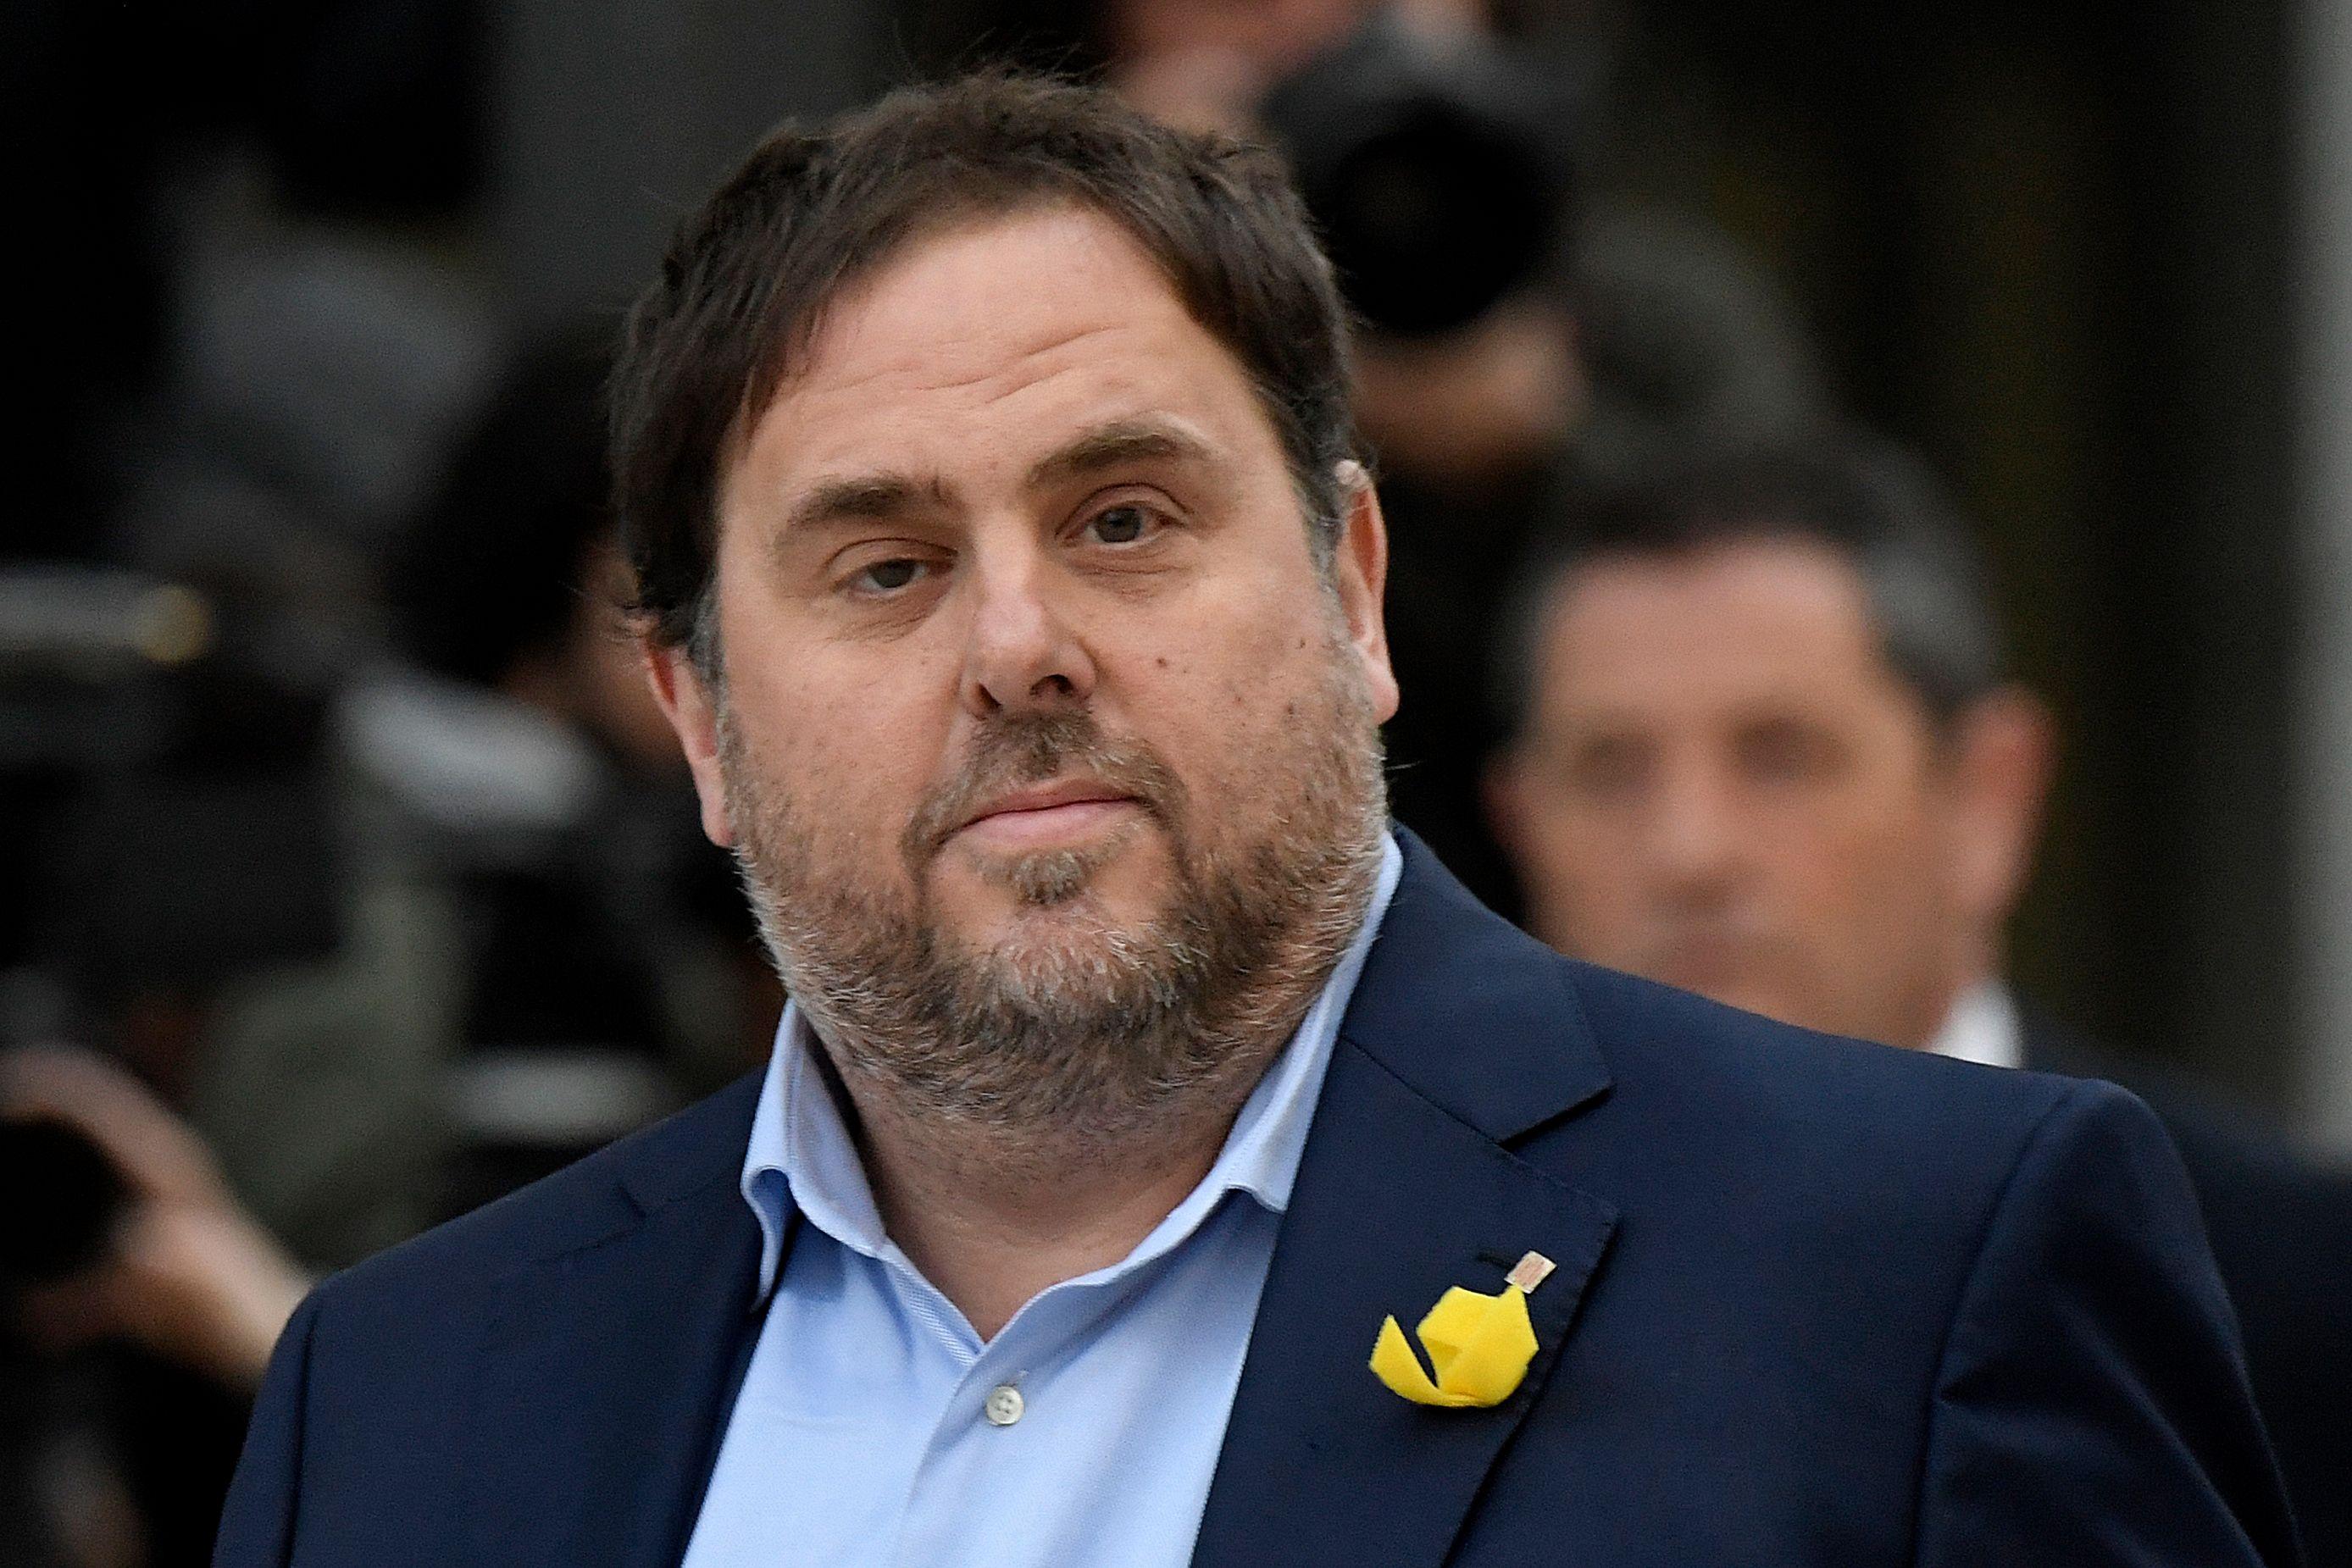 Justiça espanhola mantém a prisão de quatro líderes catalães